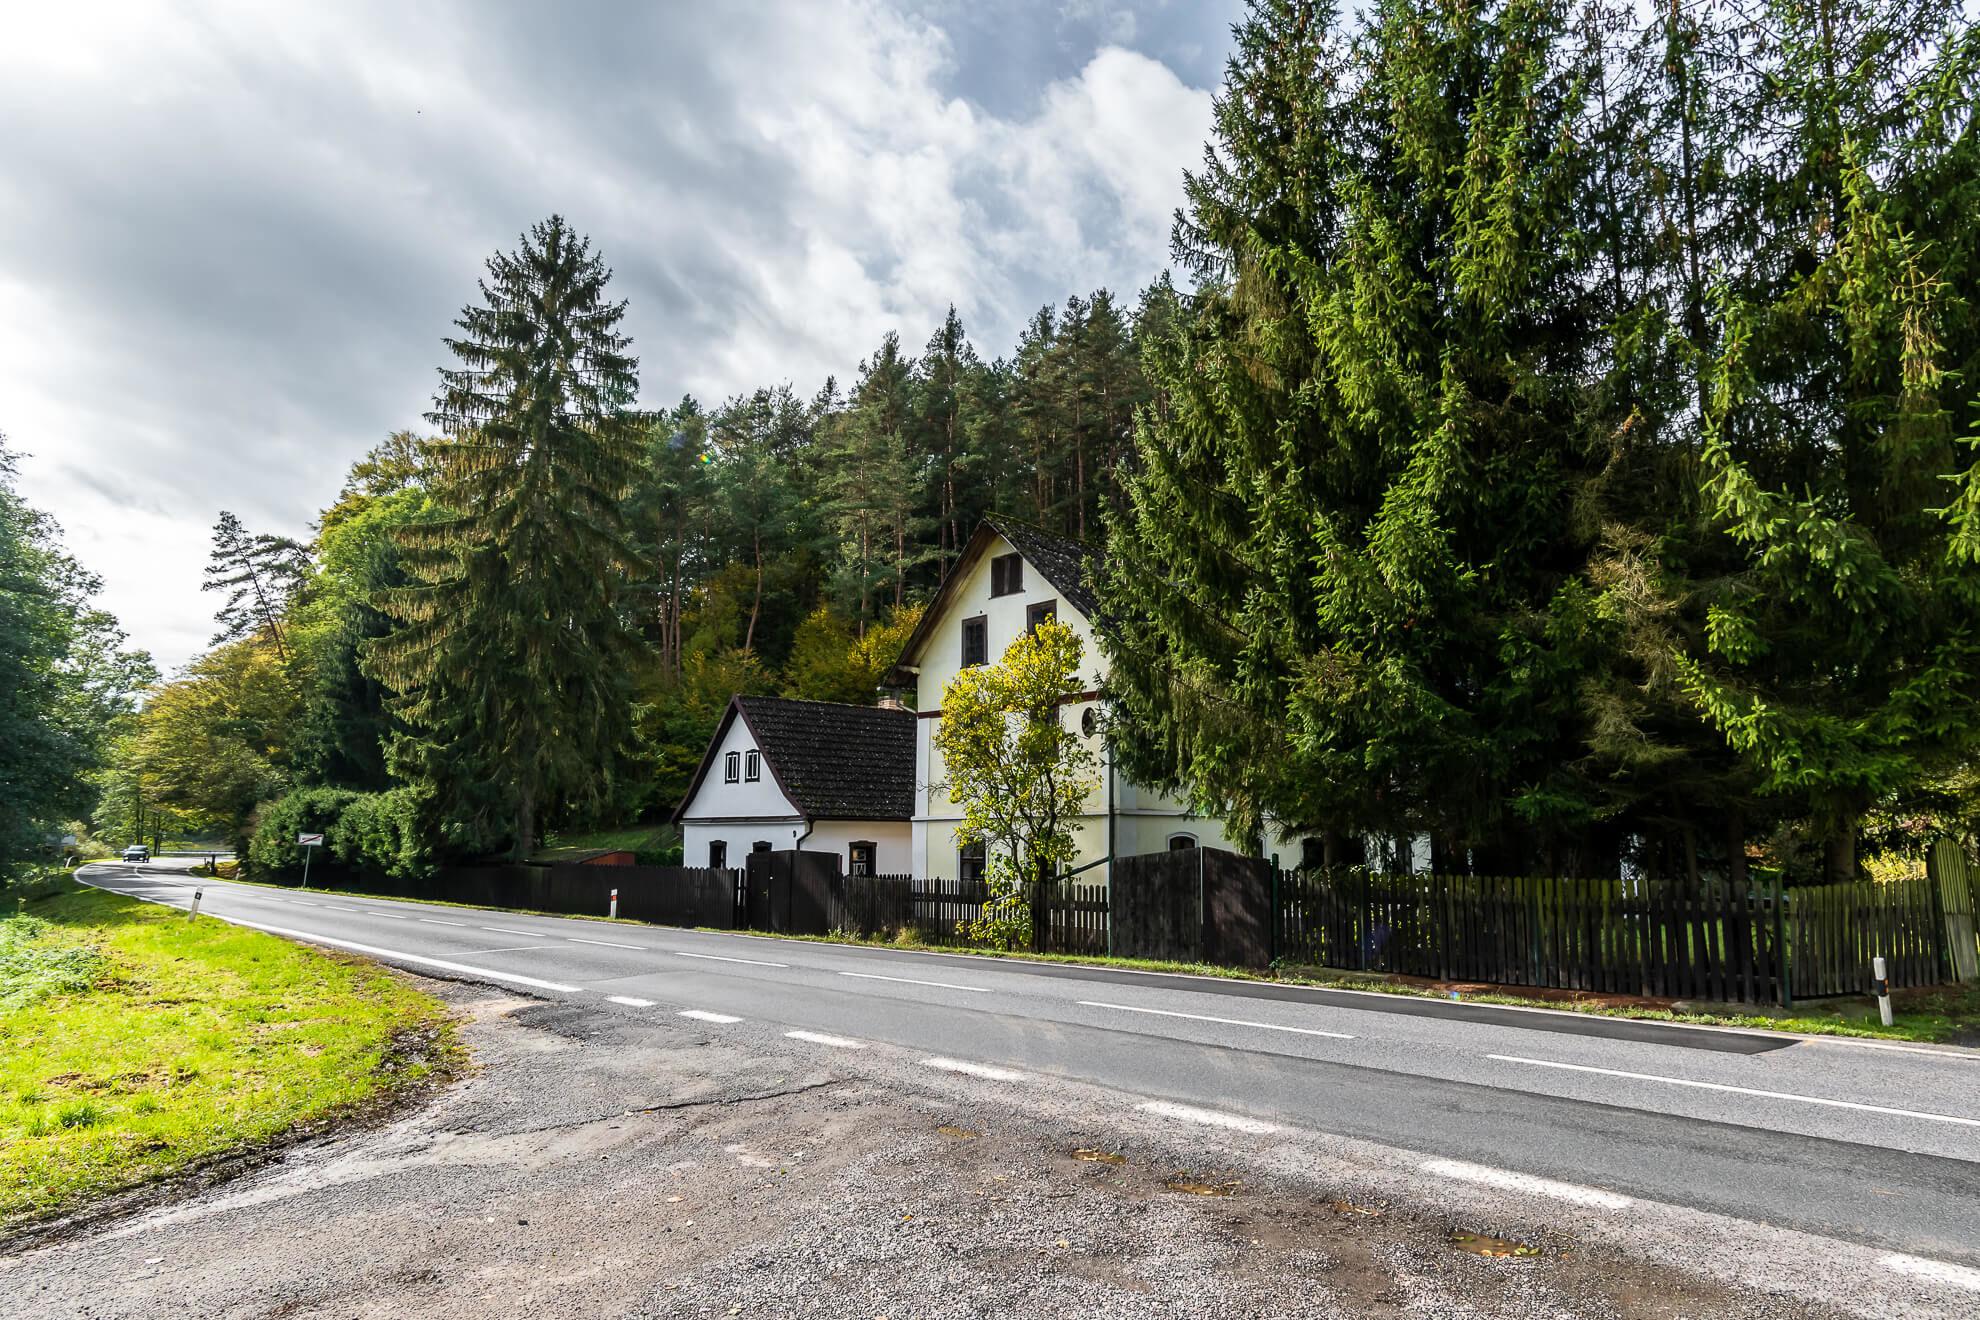 Prodej domu vosobním vlastnictví 146 m2, Medonosy